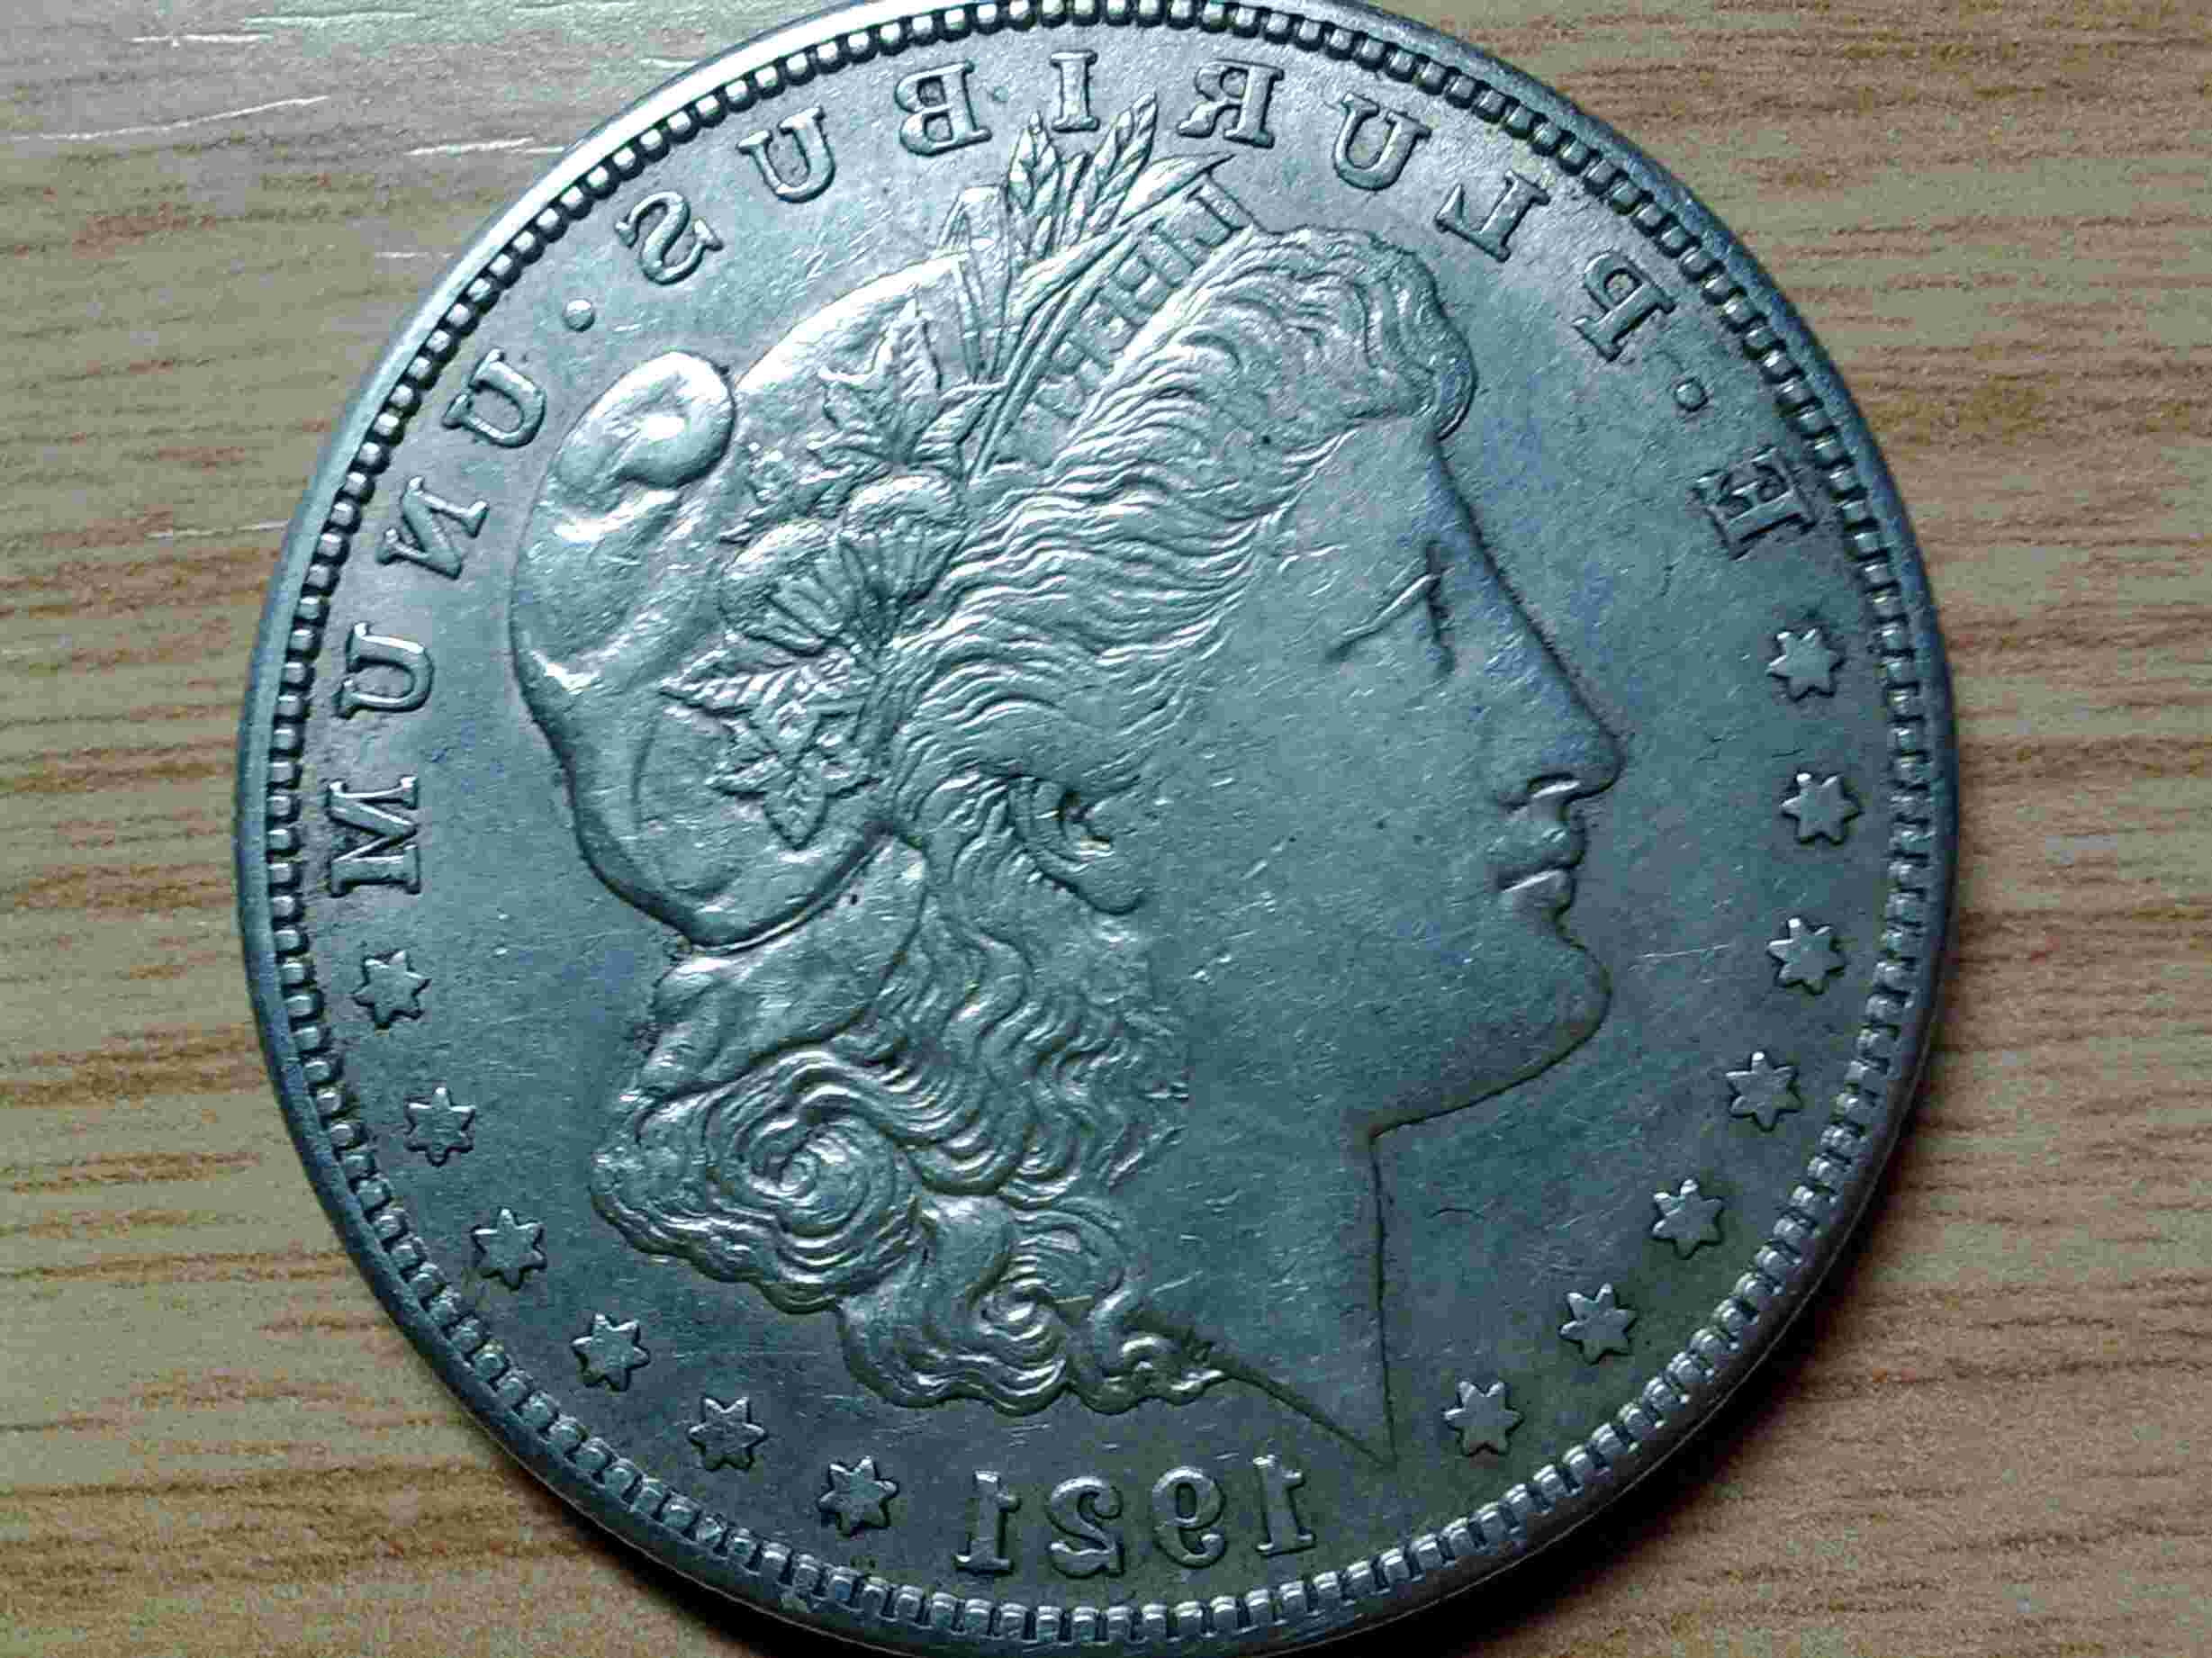 Venta De Monedas Plata Antiguas 40 Articulos Usados